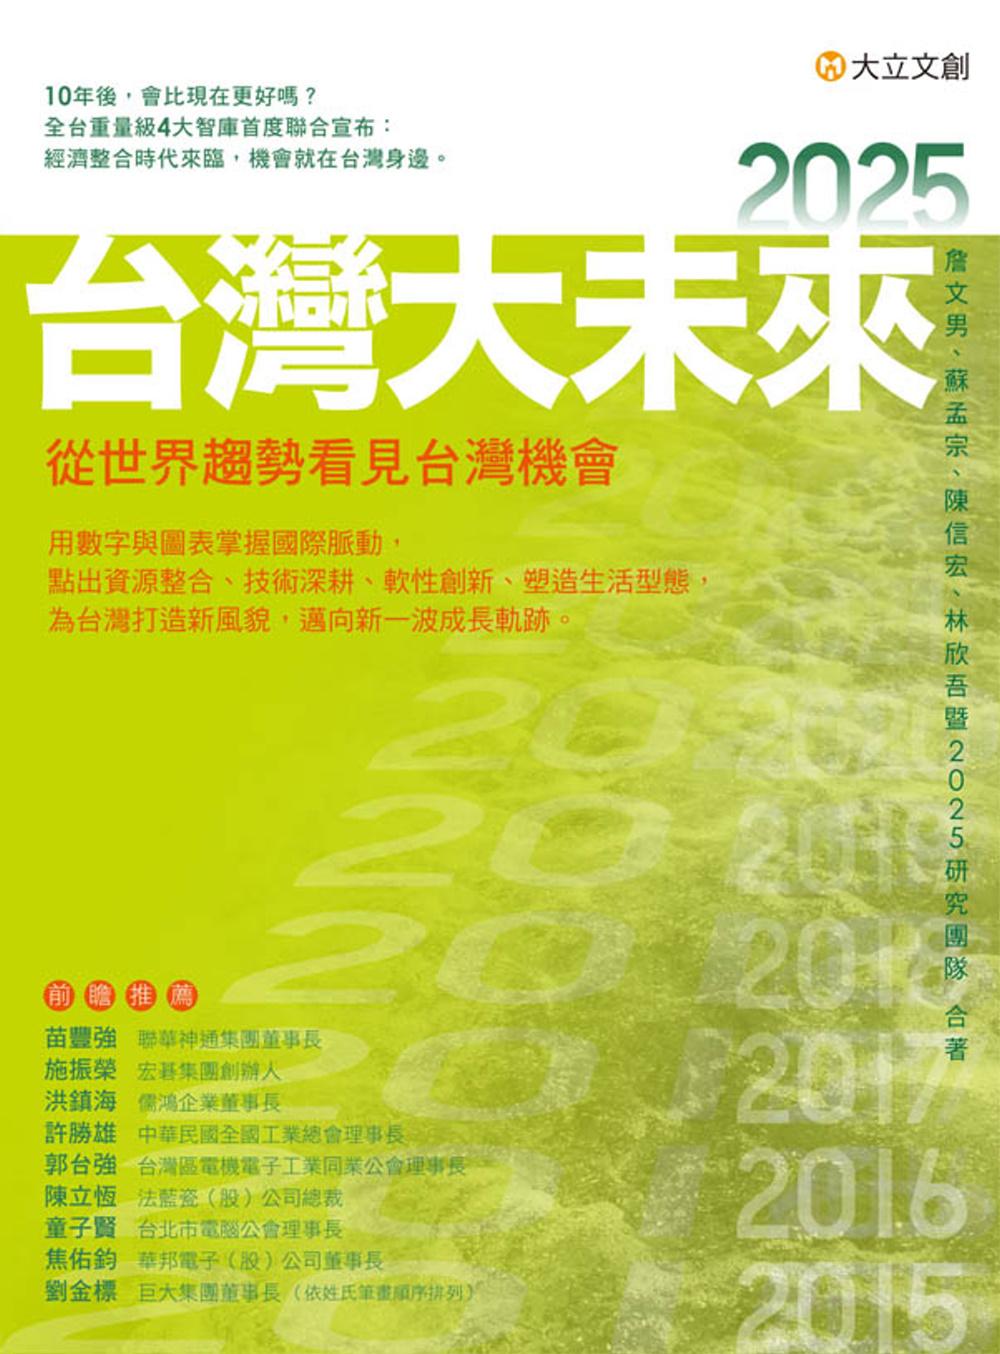 2025台灣大未來:從世界趨勢看見台灣機會